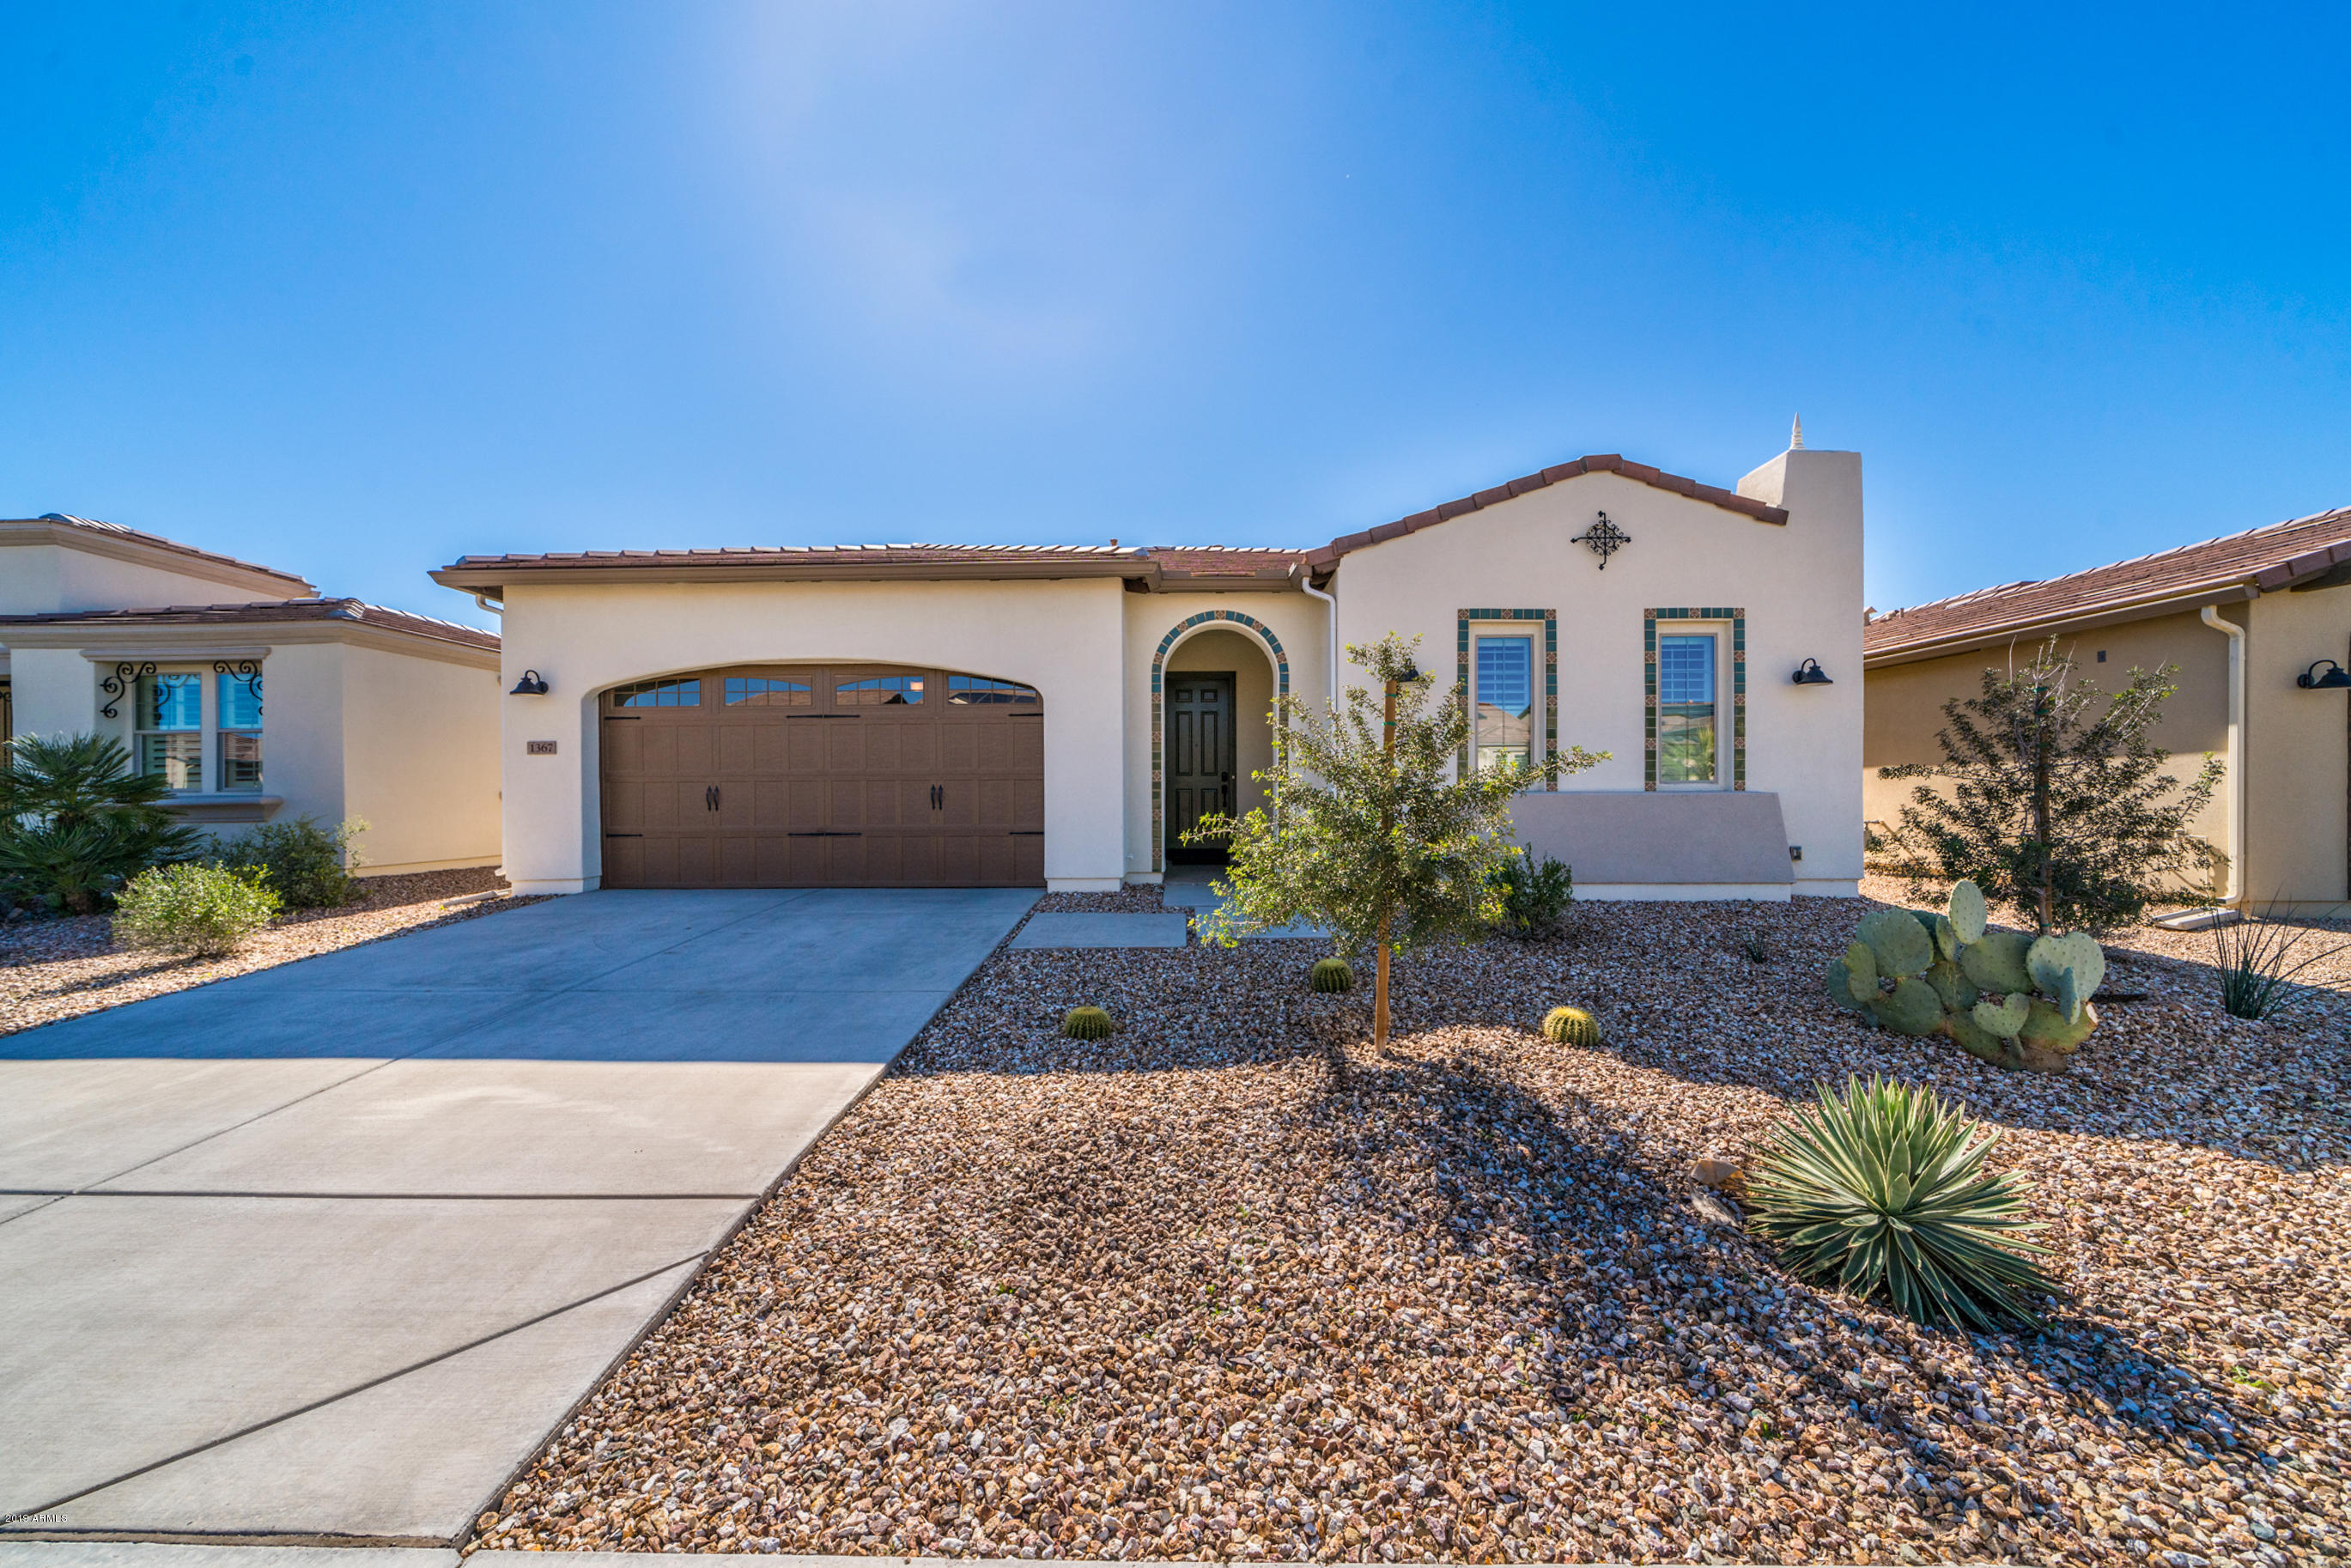 Photo of 1367 E VERDE Boulevard, San Tan Valley, AZ 85140